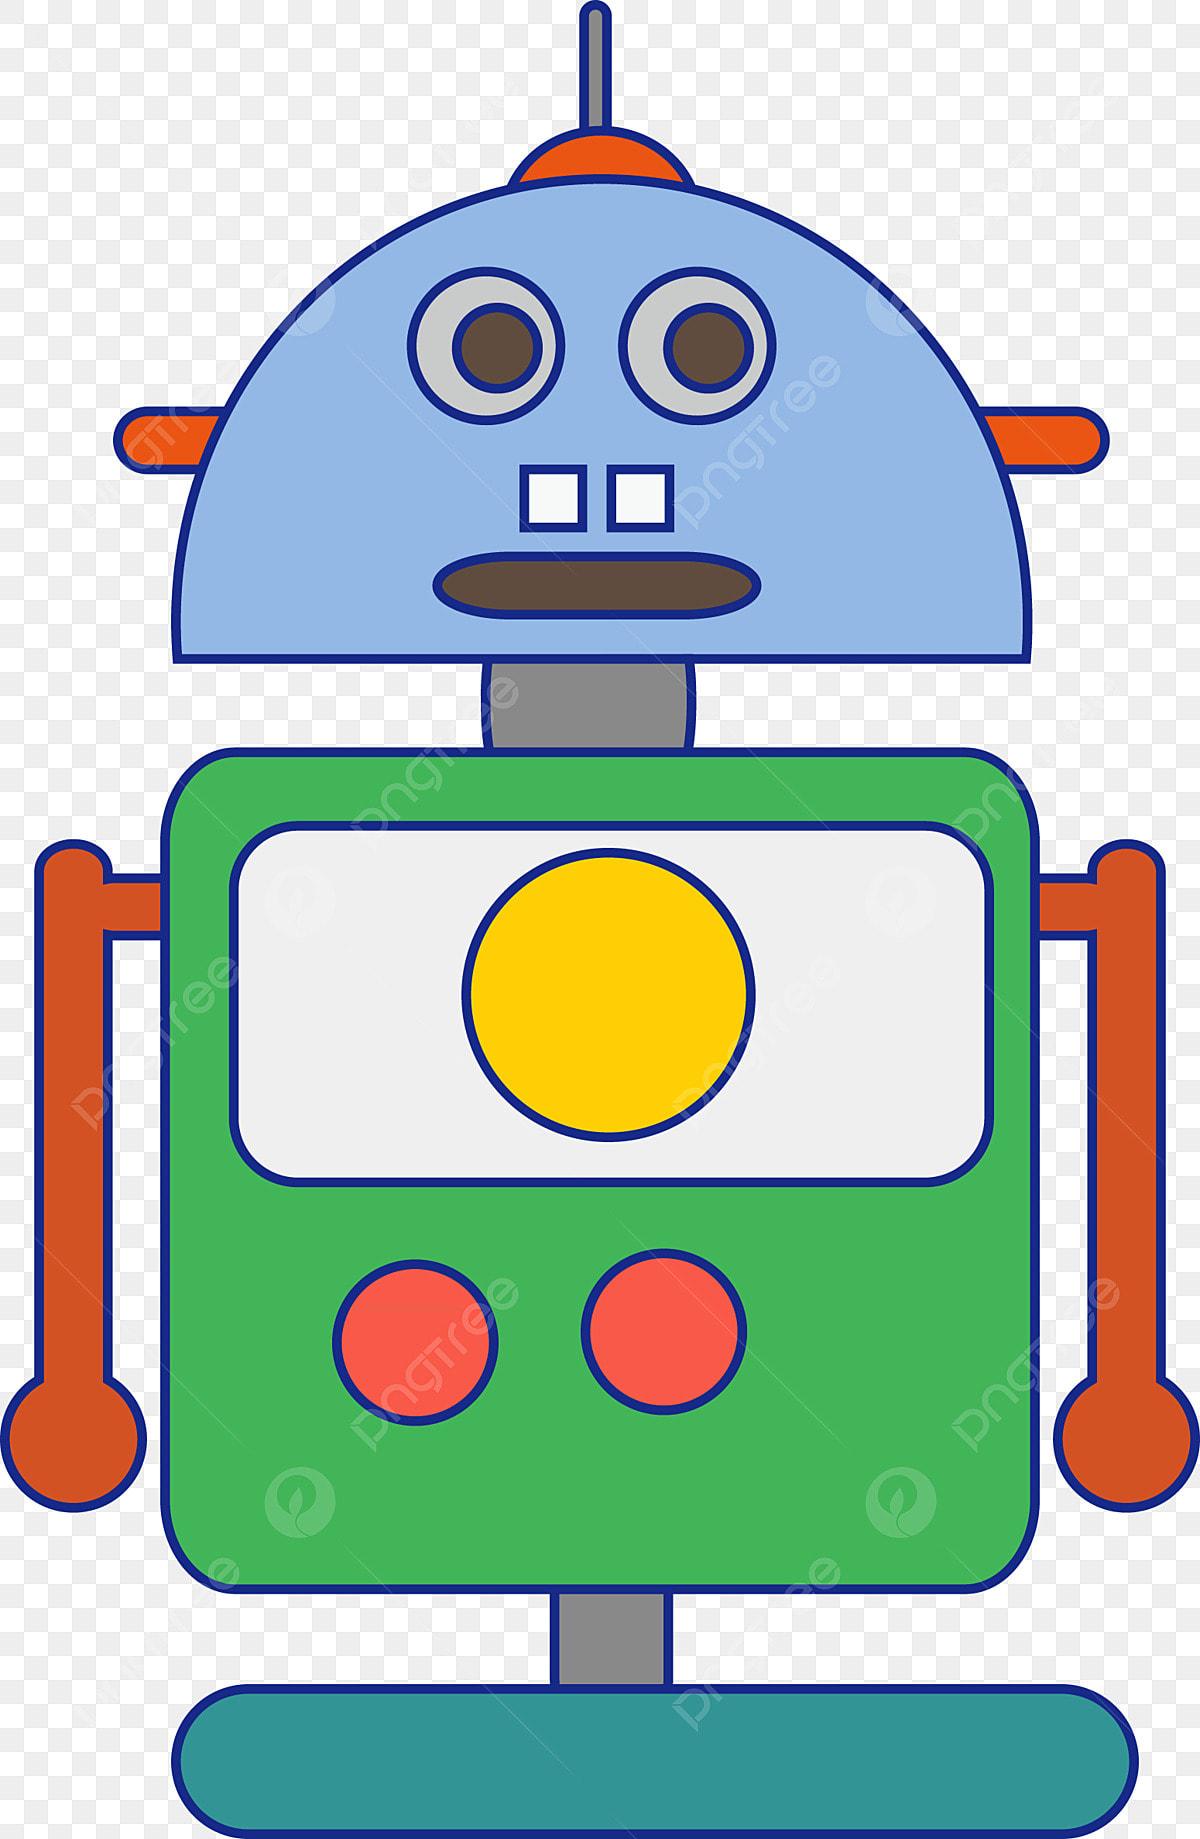 Dibujos Robot Ejemplo Animados Juguete De 2W9DEHI